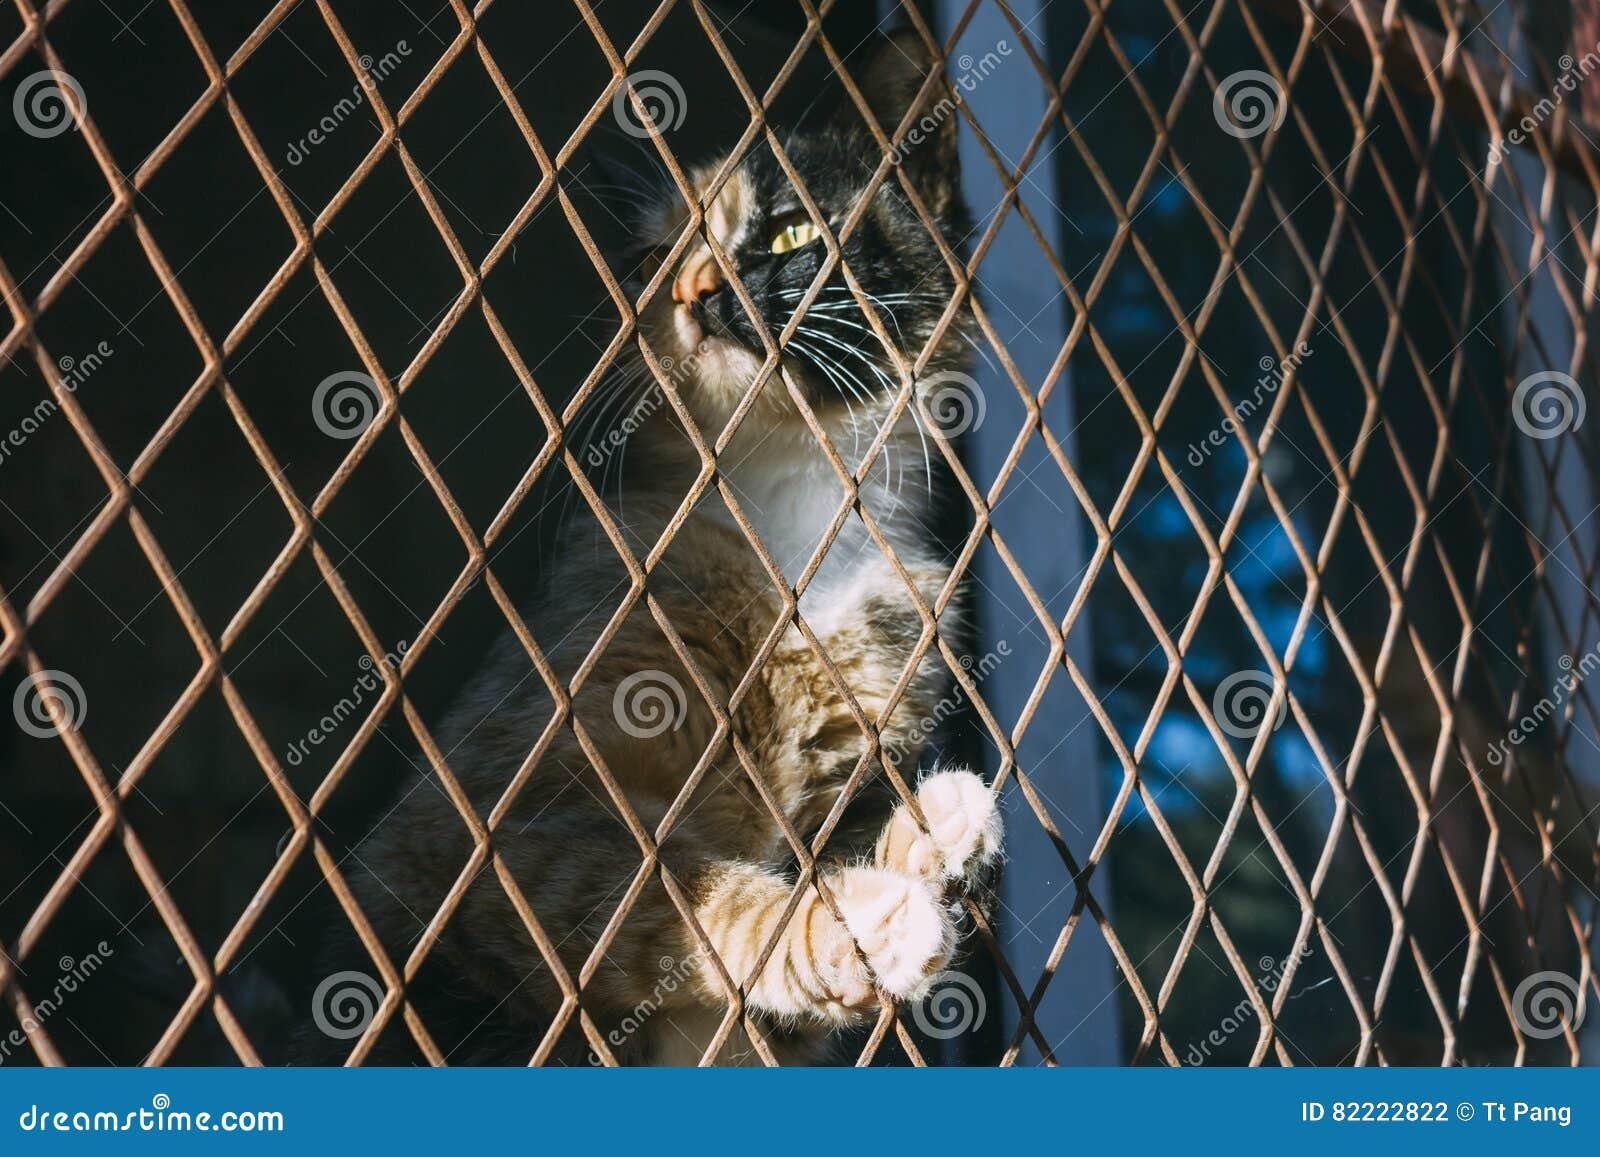 De gember en de zwarte kat sluiten op en zijn geplakt in staaldraad het opleveren, c